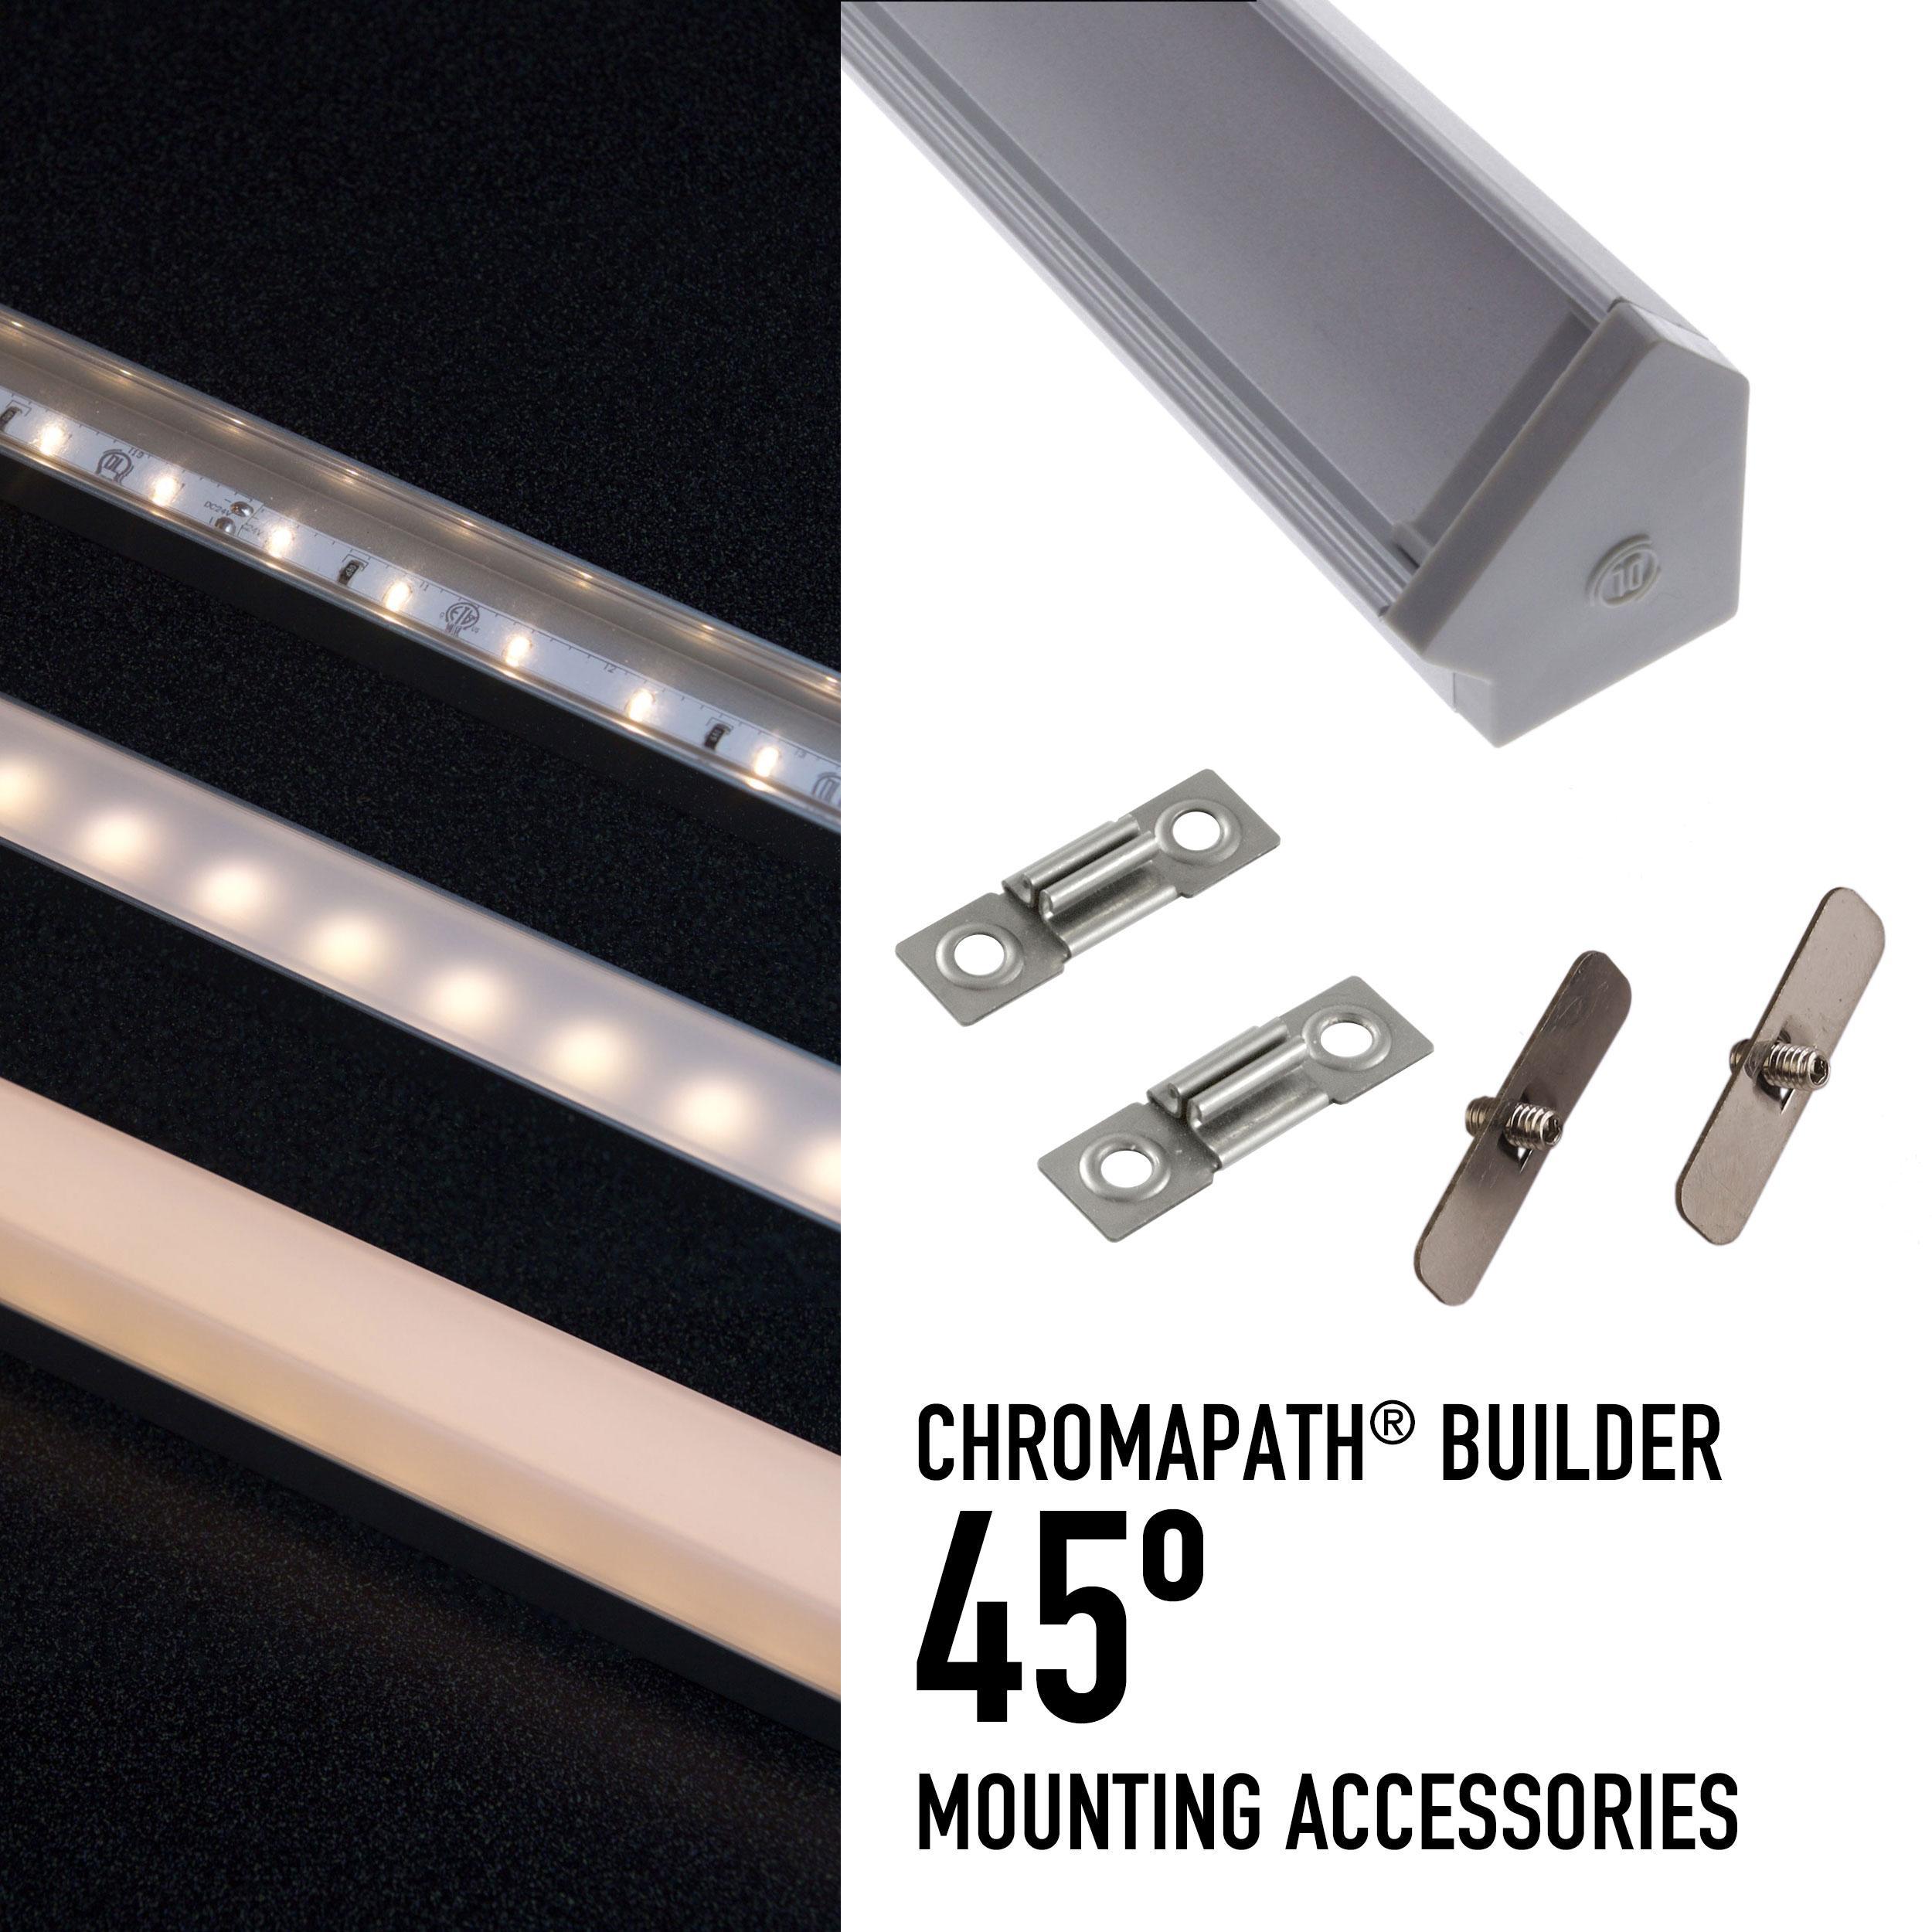 CHROMAPATH® Builder Channels & Accessories - 45º